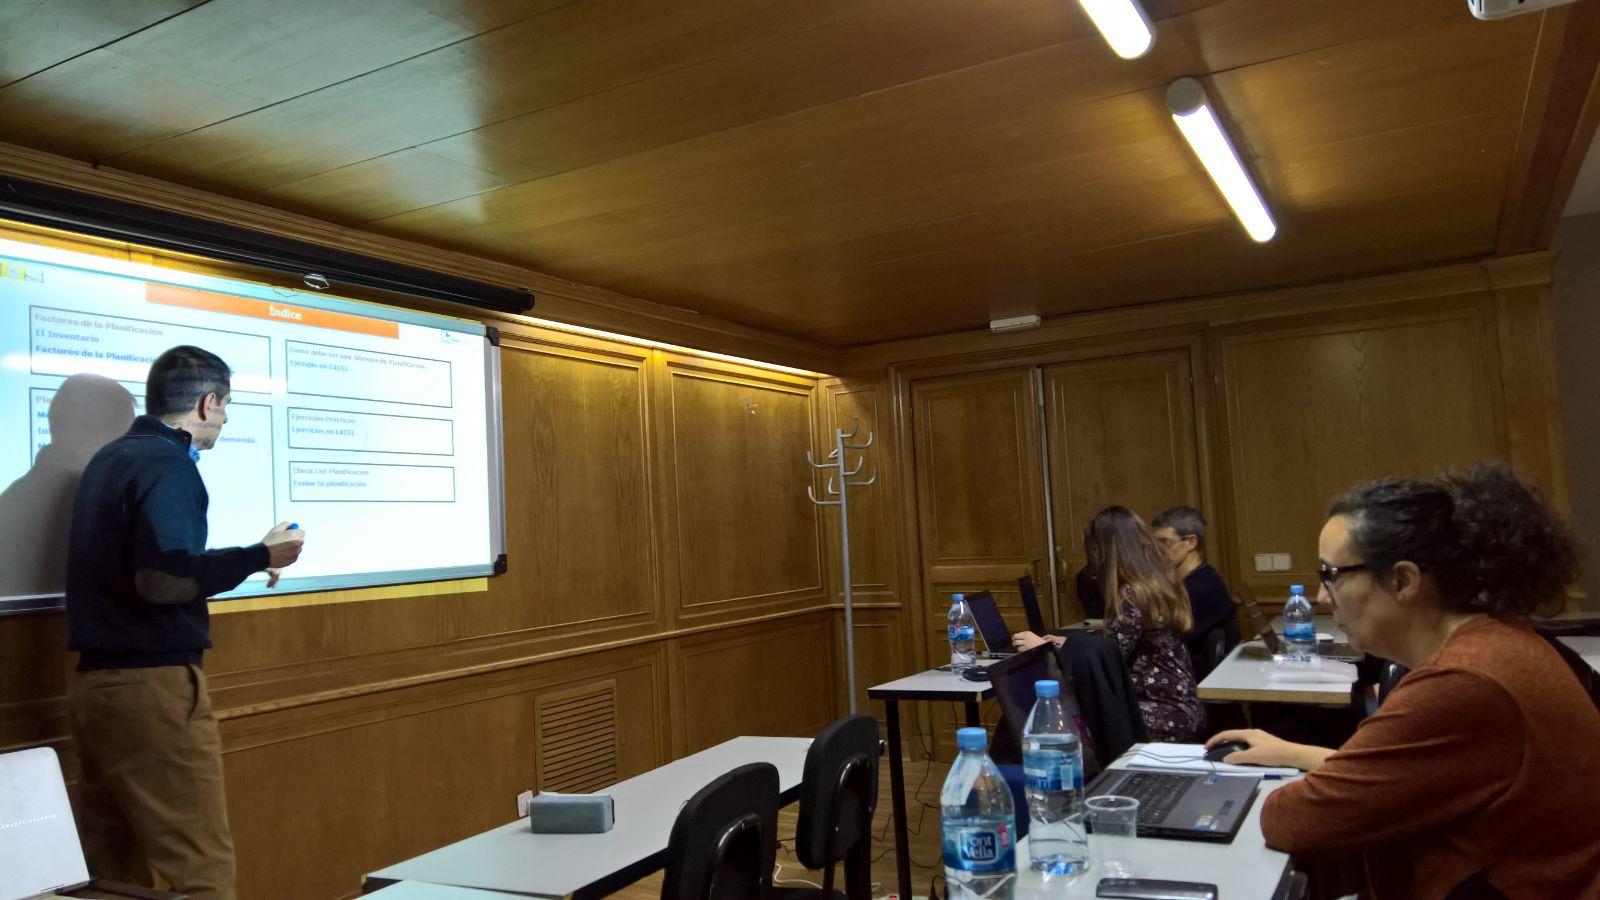 Seminario Tecnicas de Planificación